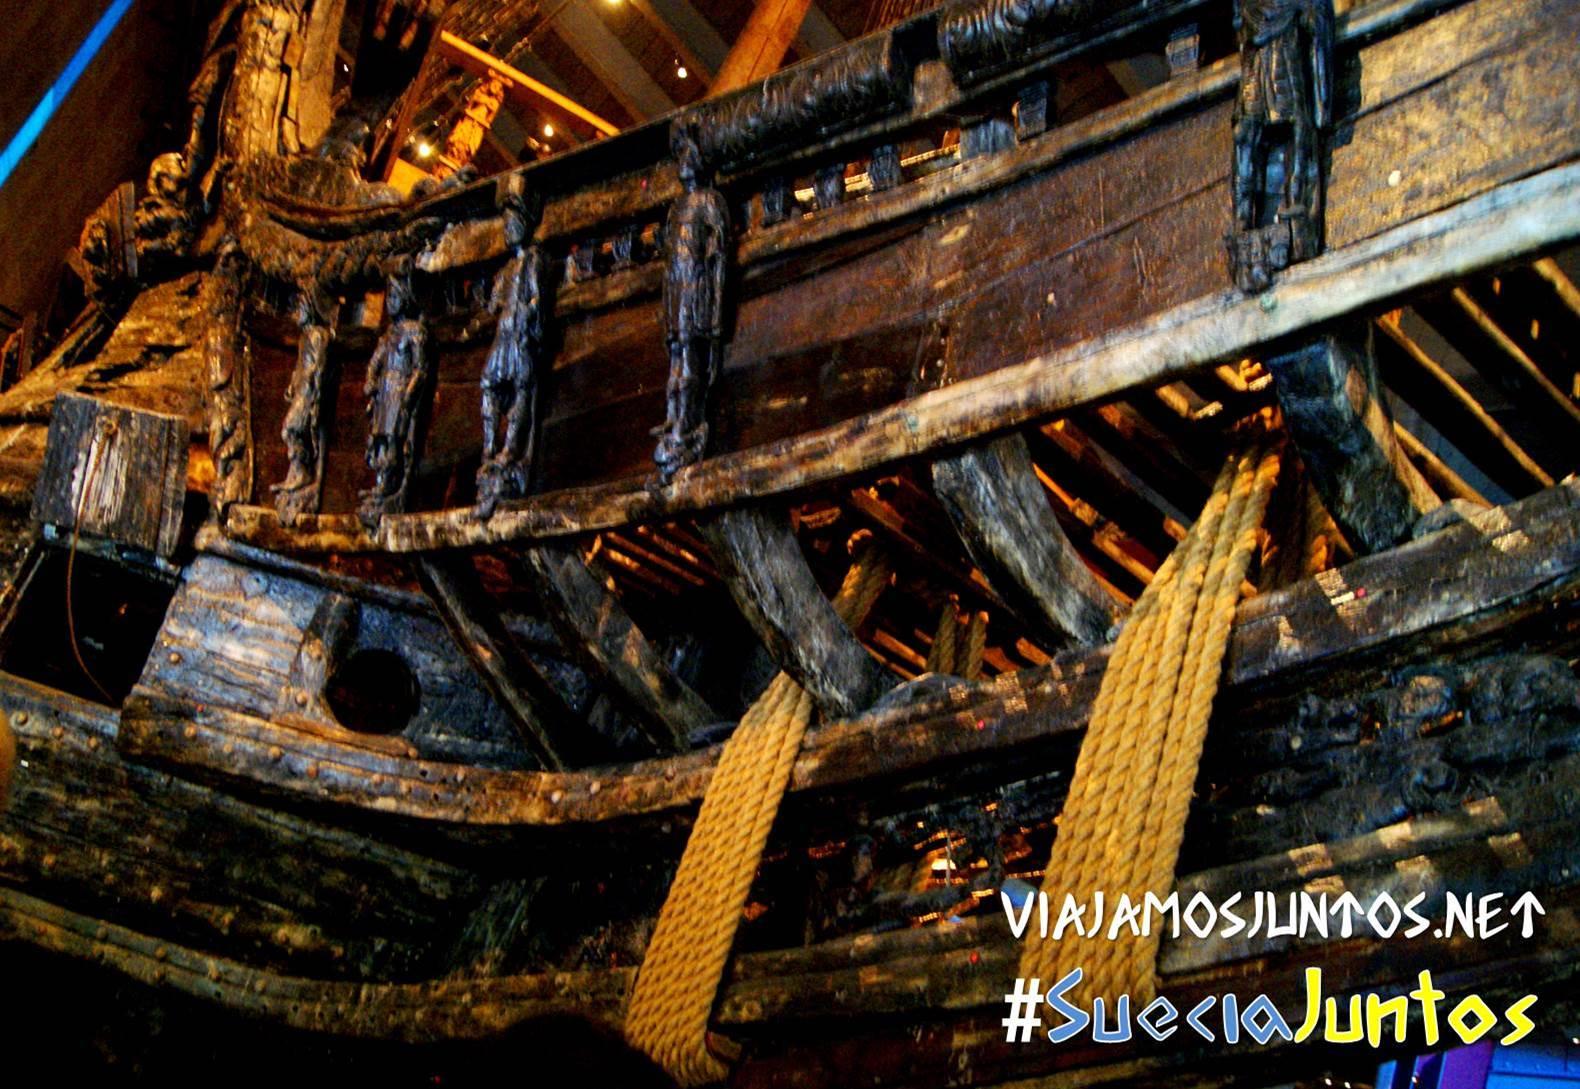 Detalle del barco Vasa en el museo de Vasa, Stockholm, Suecia